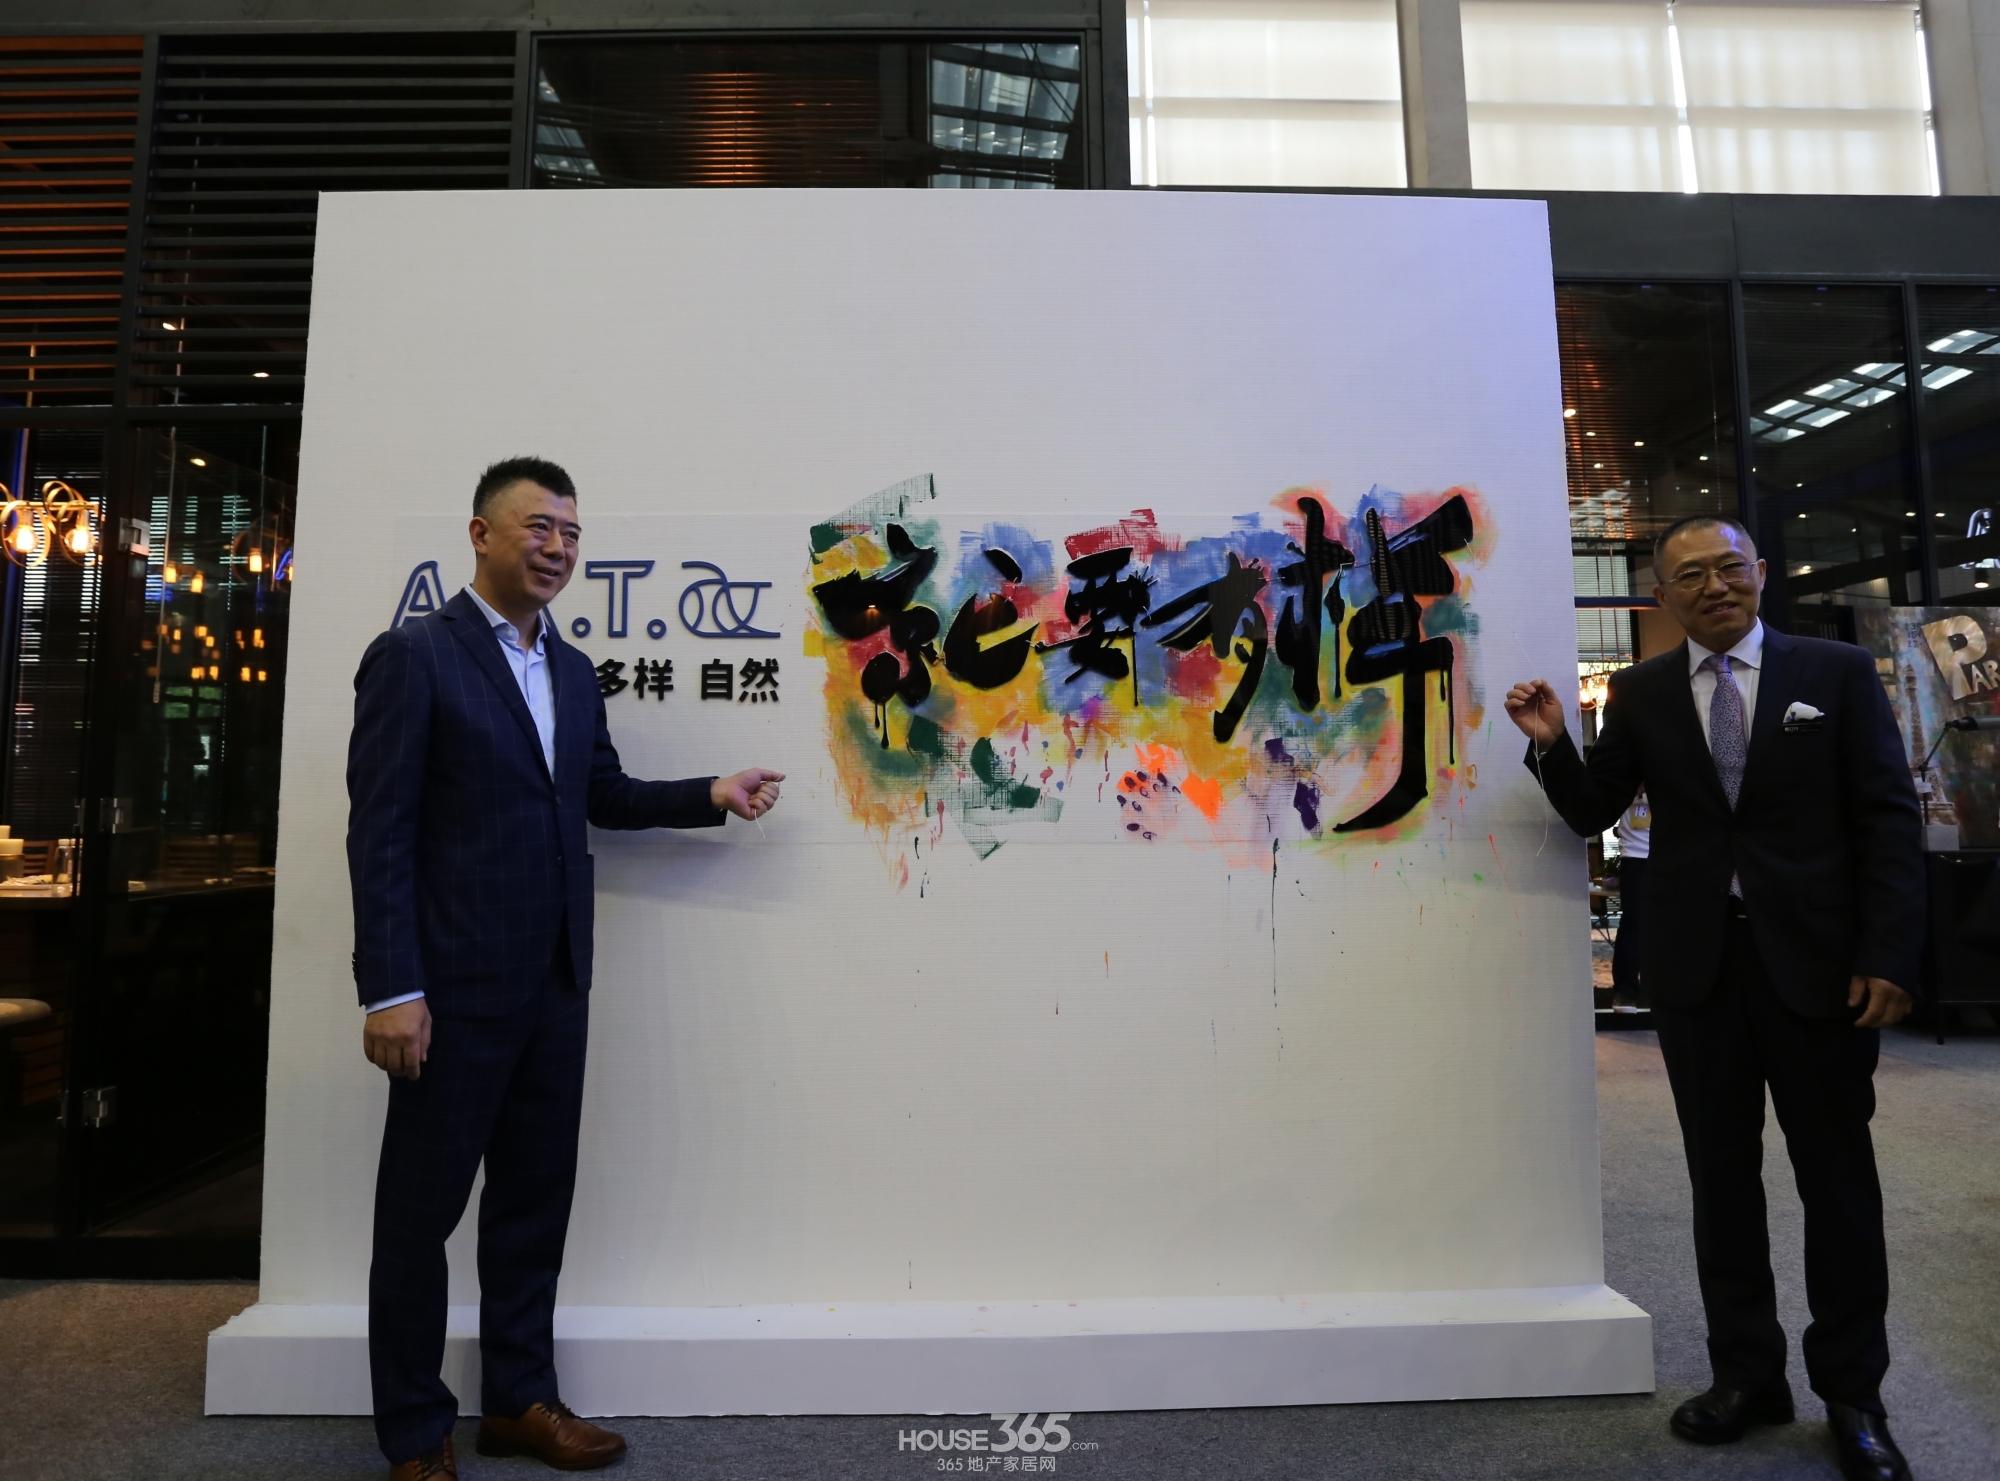 自由世界,就要有样!美克家居A.R.T.西区亮相33届深圳国际家具展